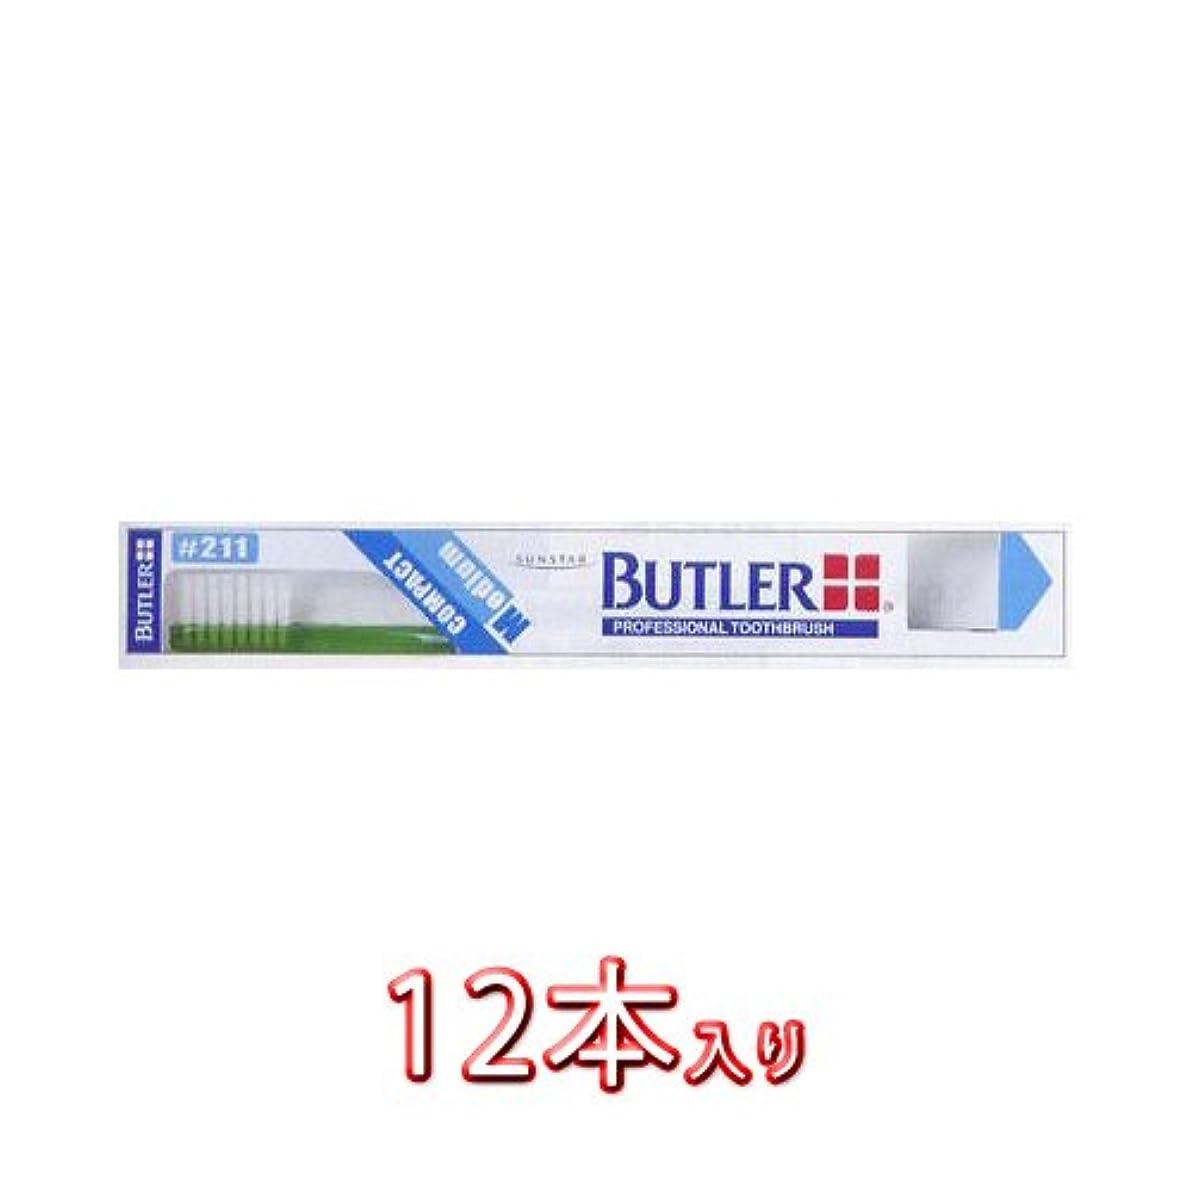 リスキーなエンディング散歩バトラー 歯ブラシ #211 12本入